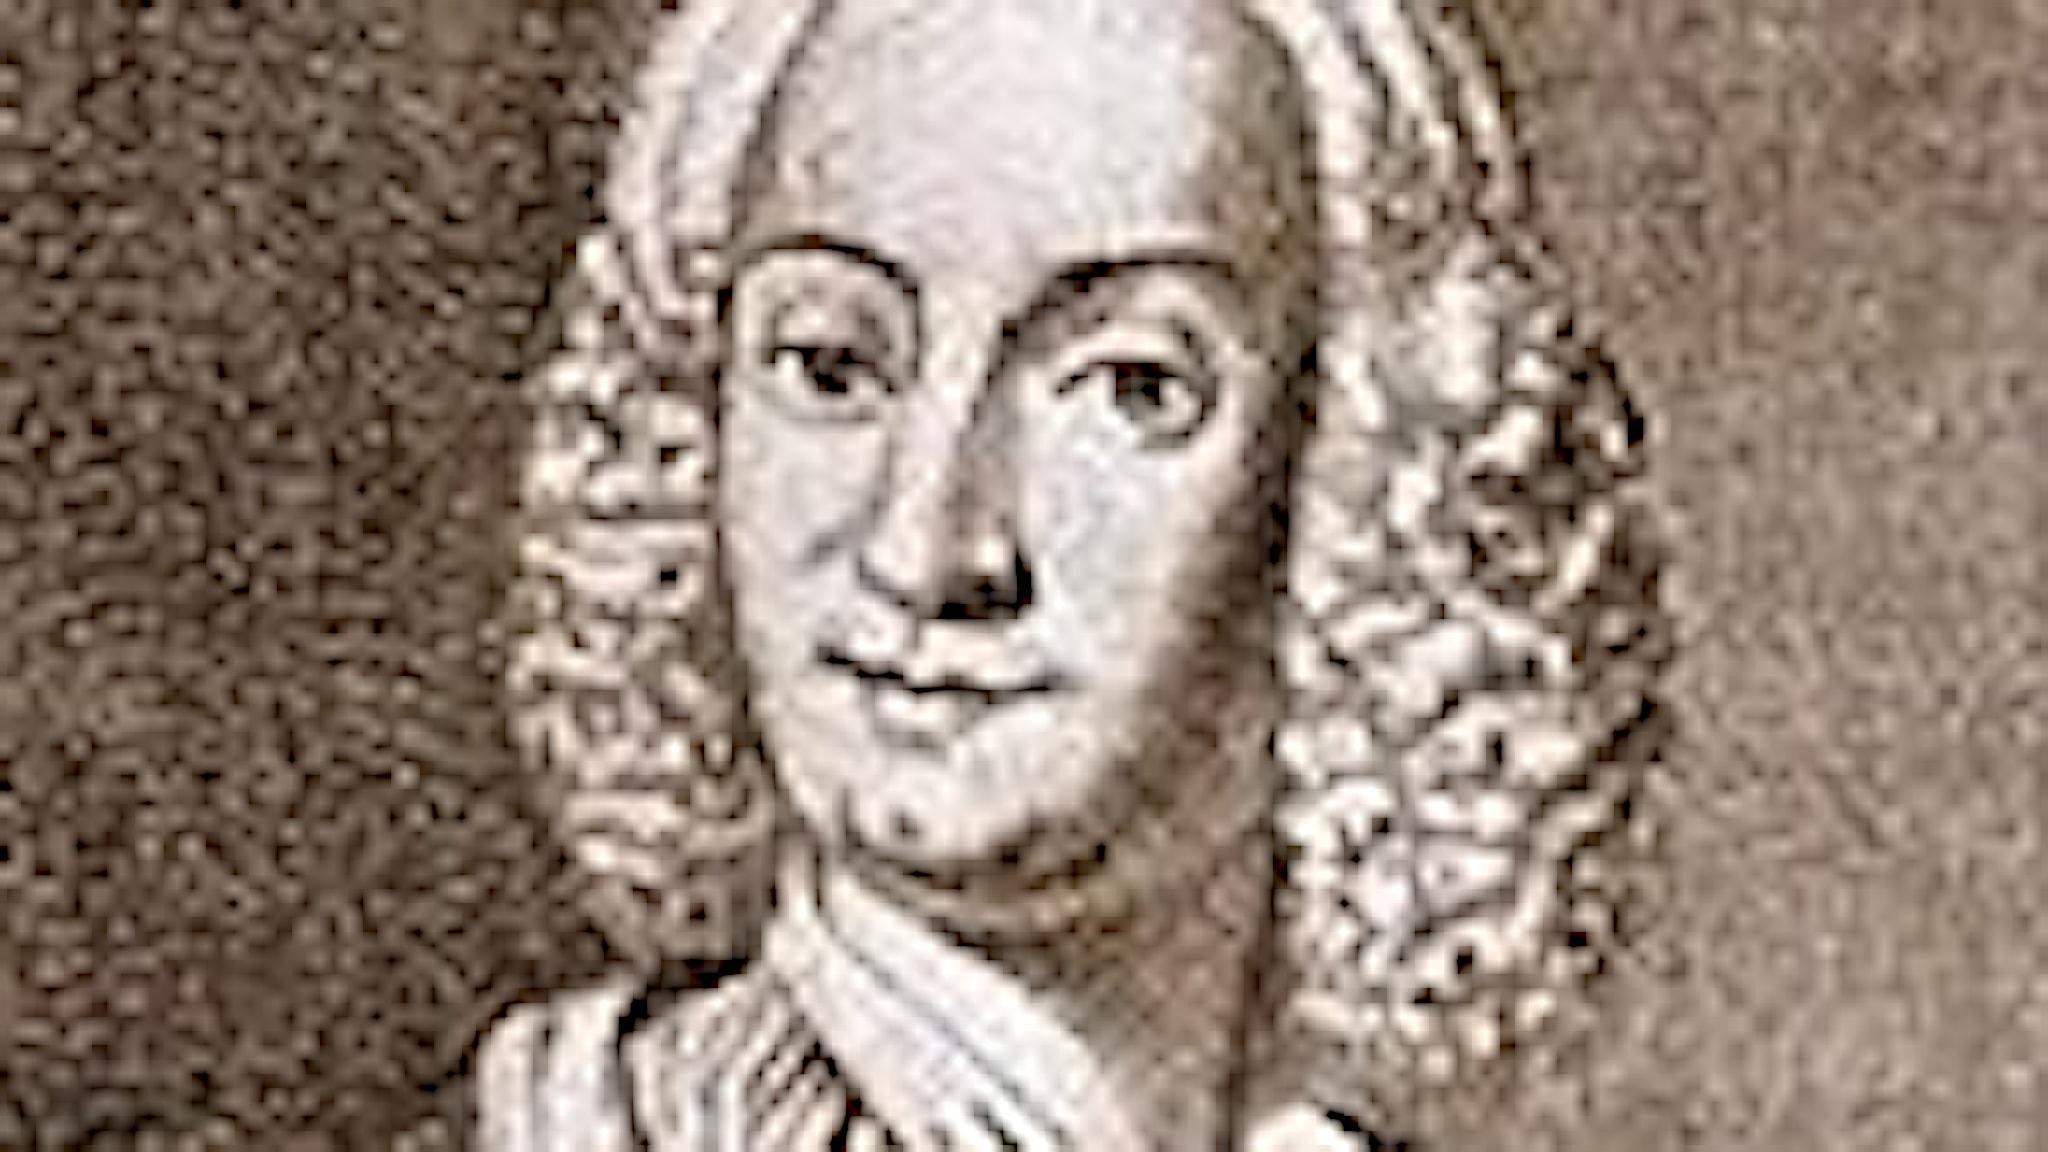 Antonio Vivaldi, tecknat porträtt på en glad man i tjusig peruk från barocken.